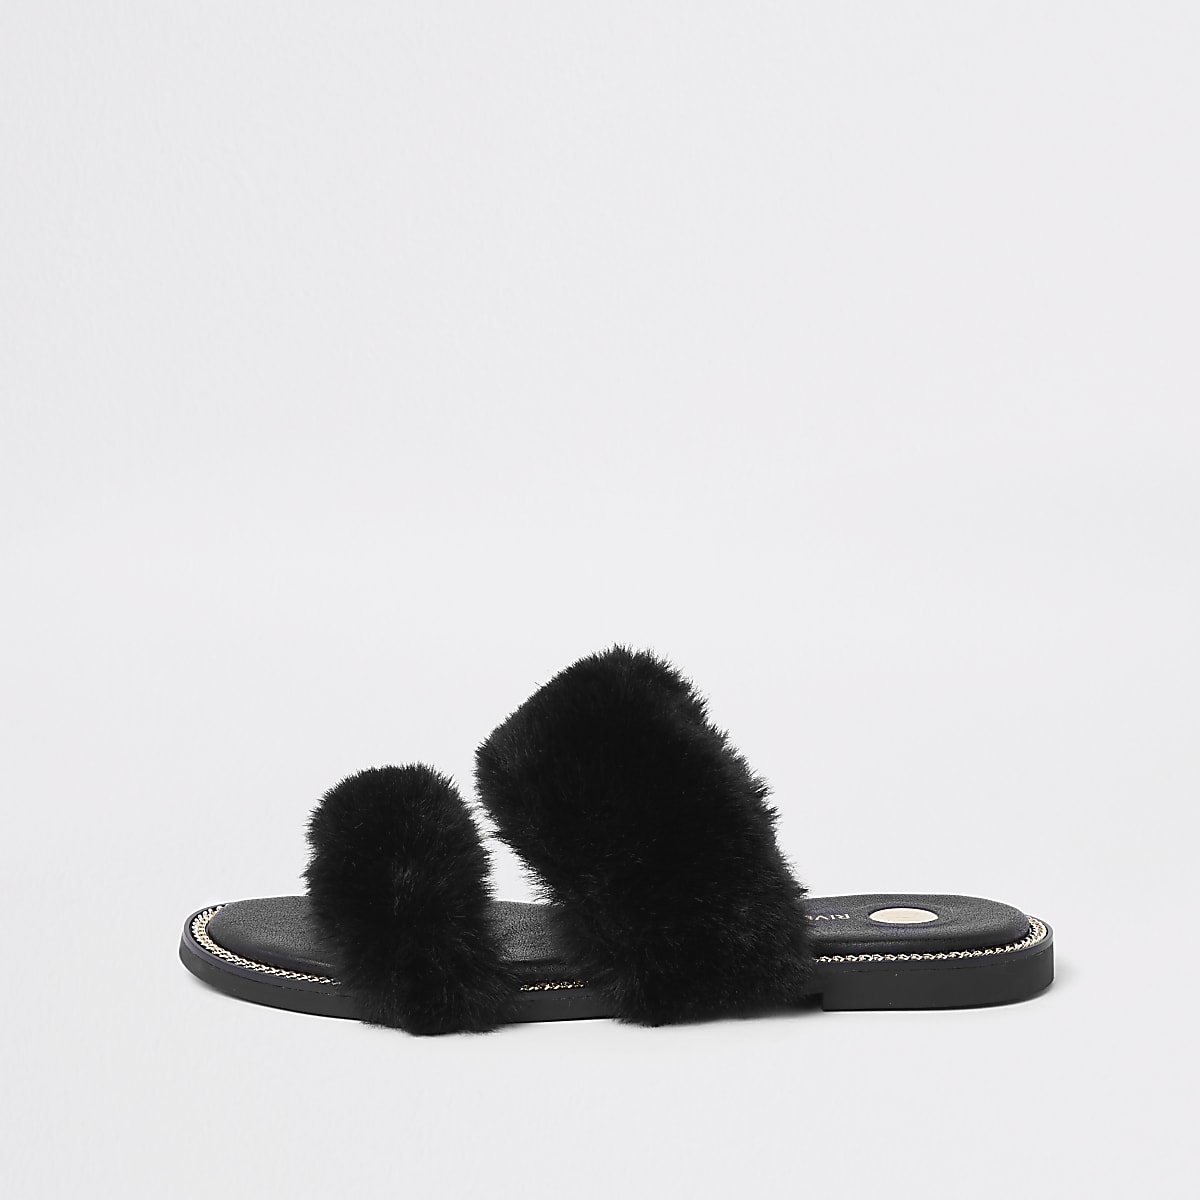 Zwarte sandalen met imitatiebont en schakels